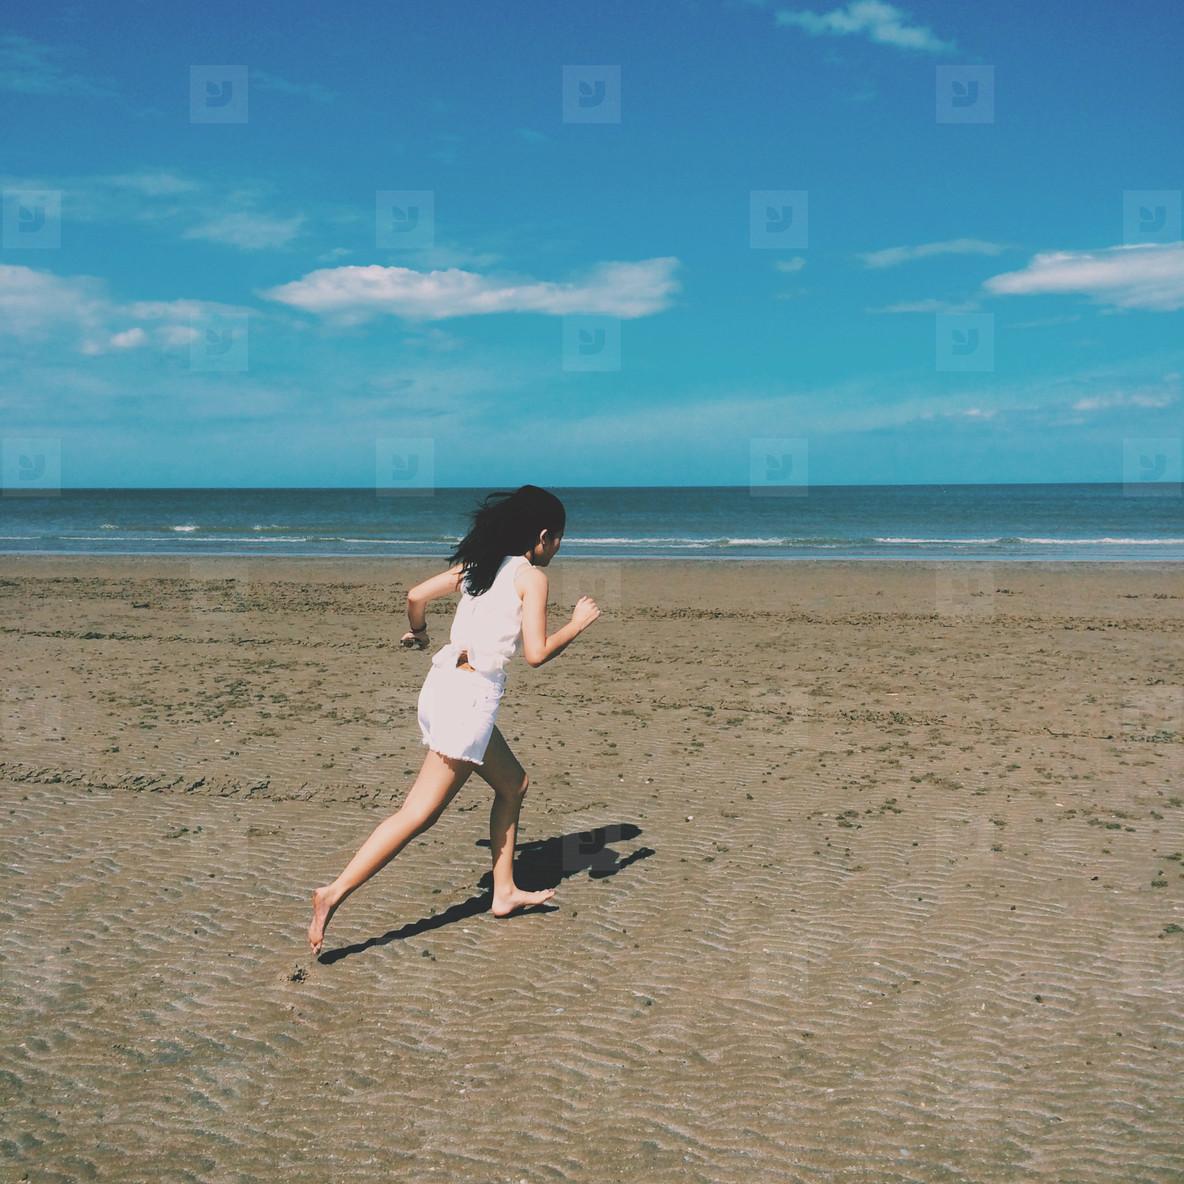 Go run run